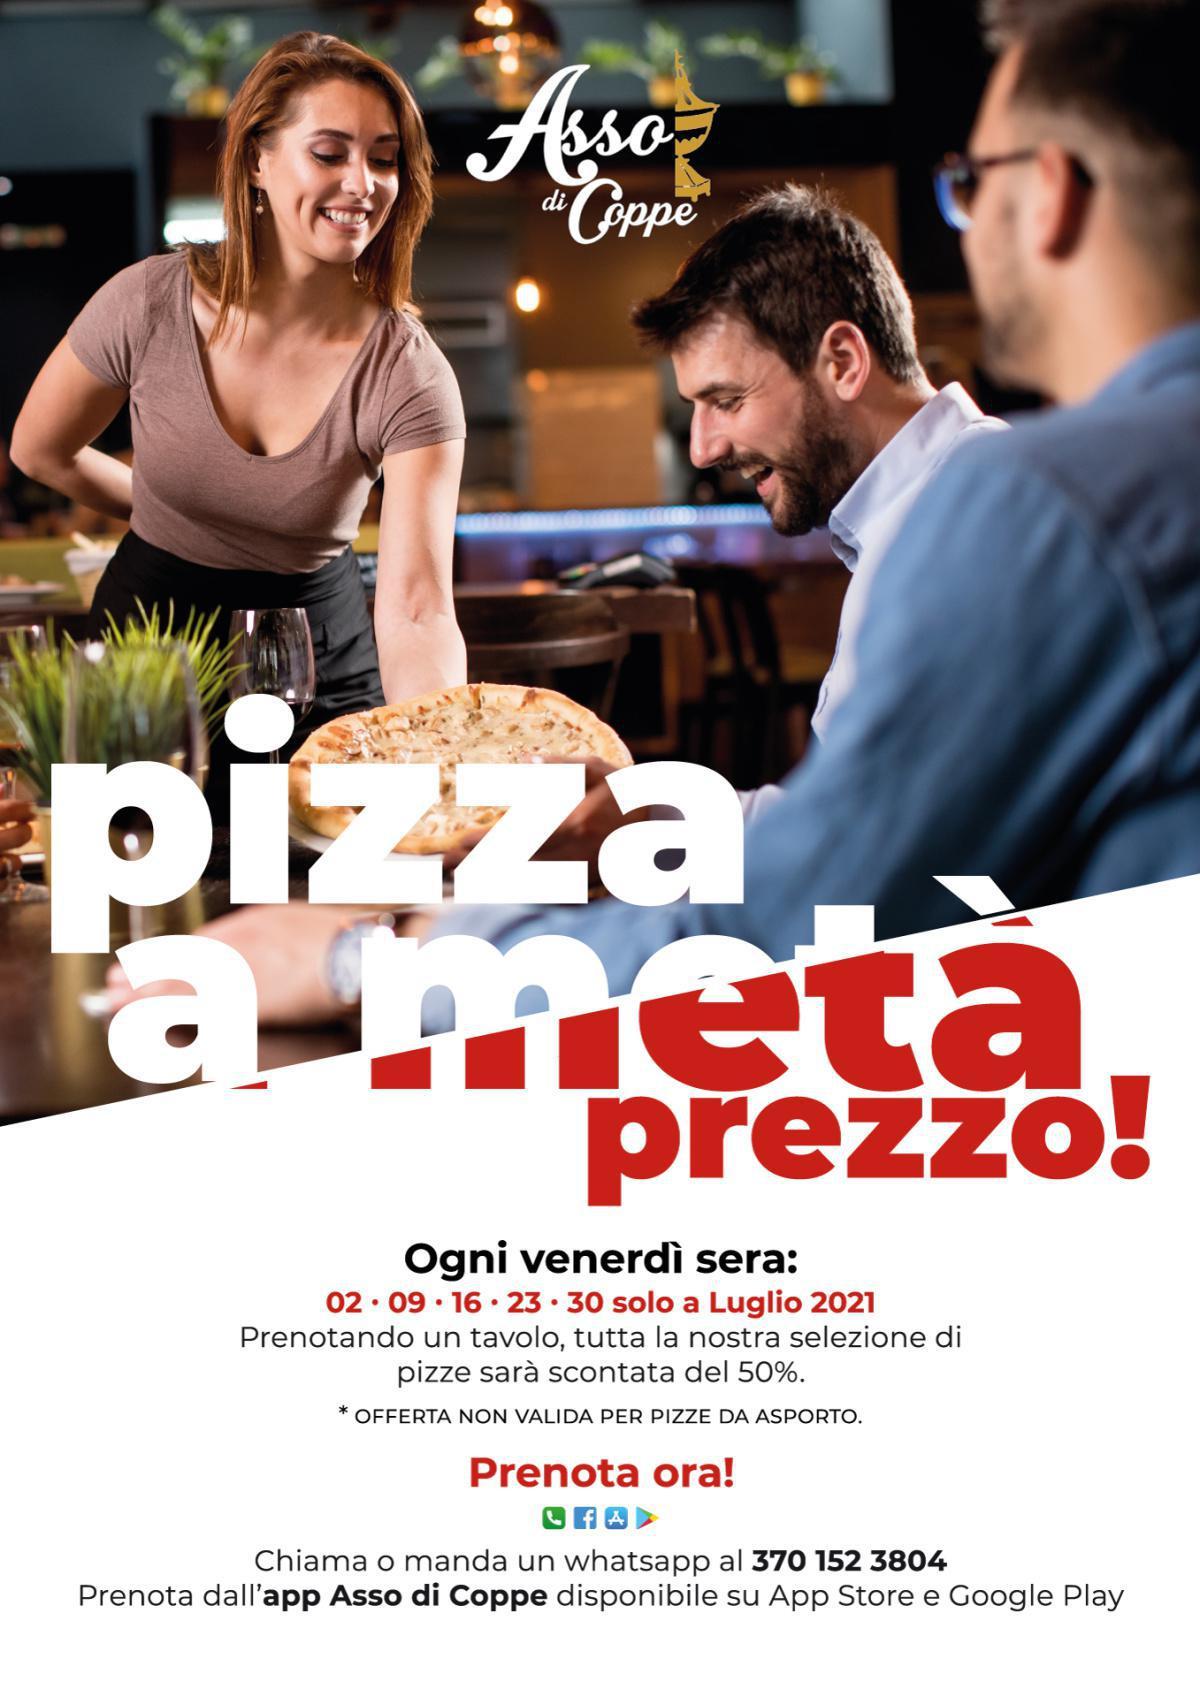 Pizza a META' prezzo! Venerdì 30 Luglio